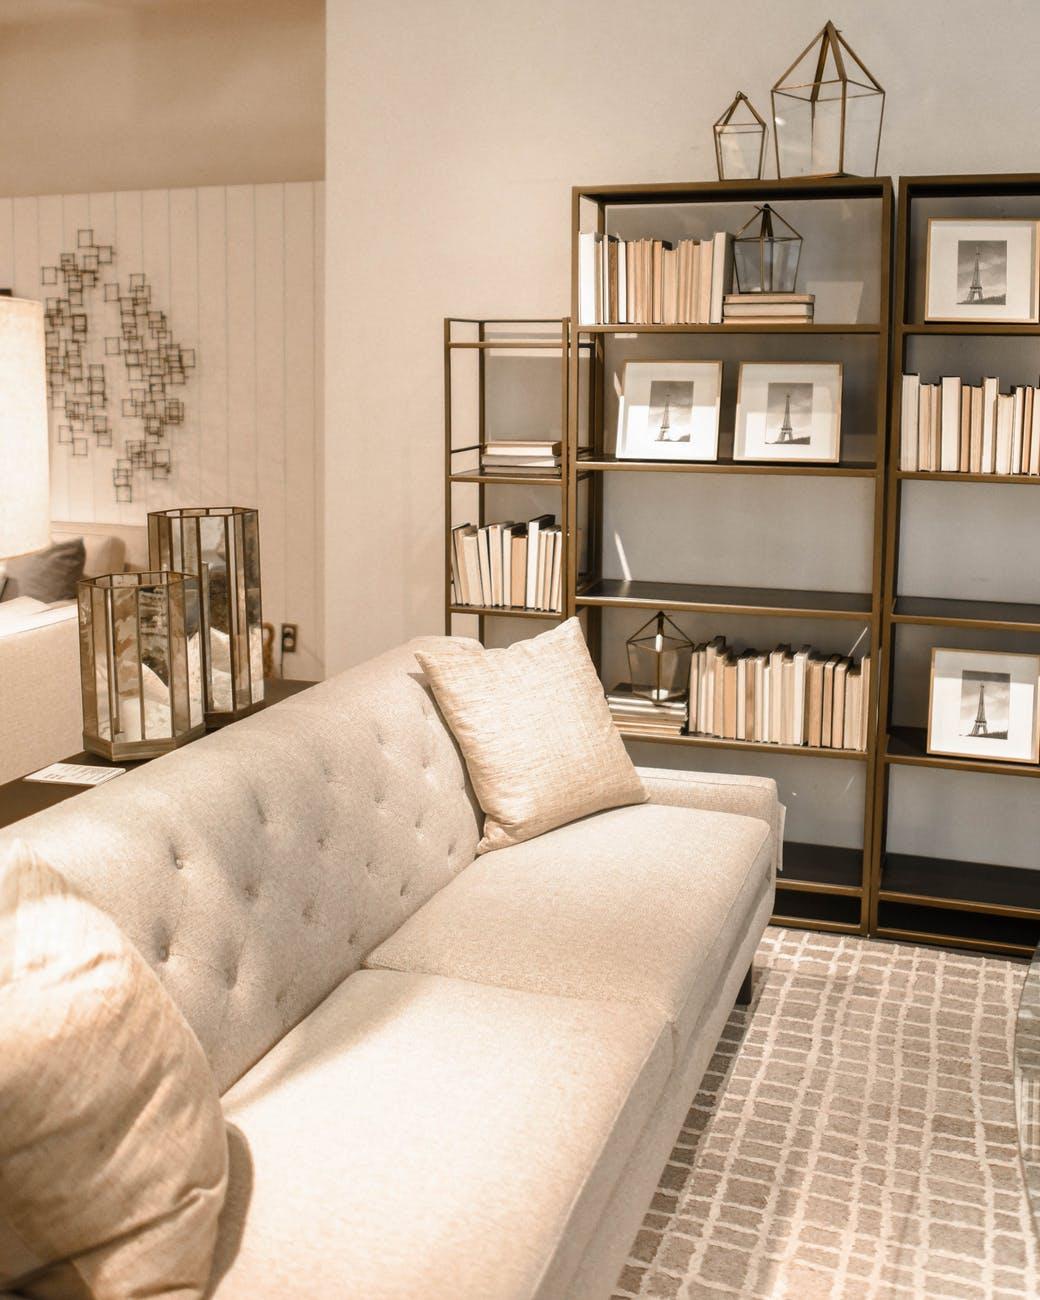 9 Unique ideas for your book shelves